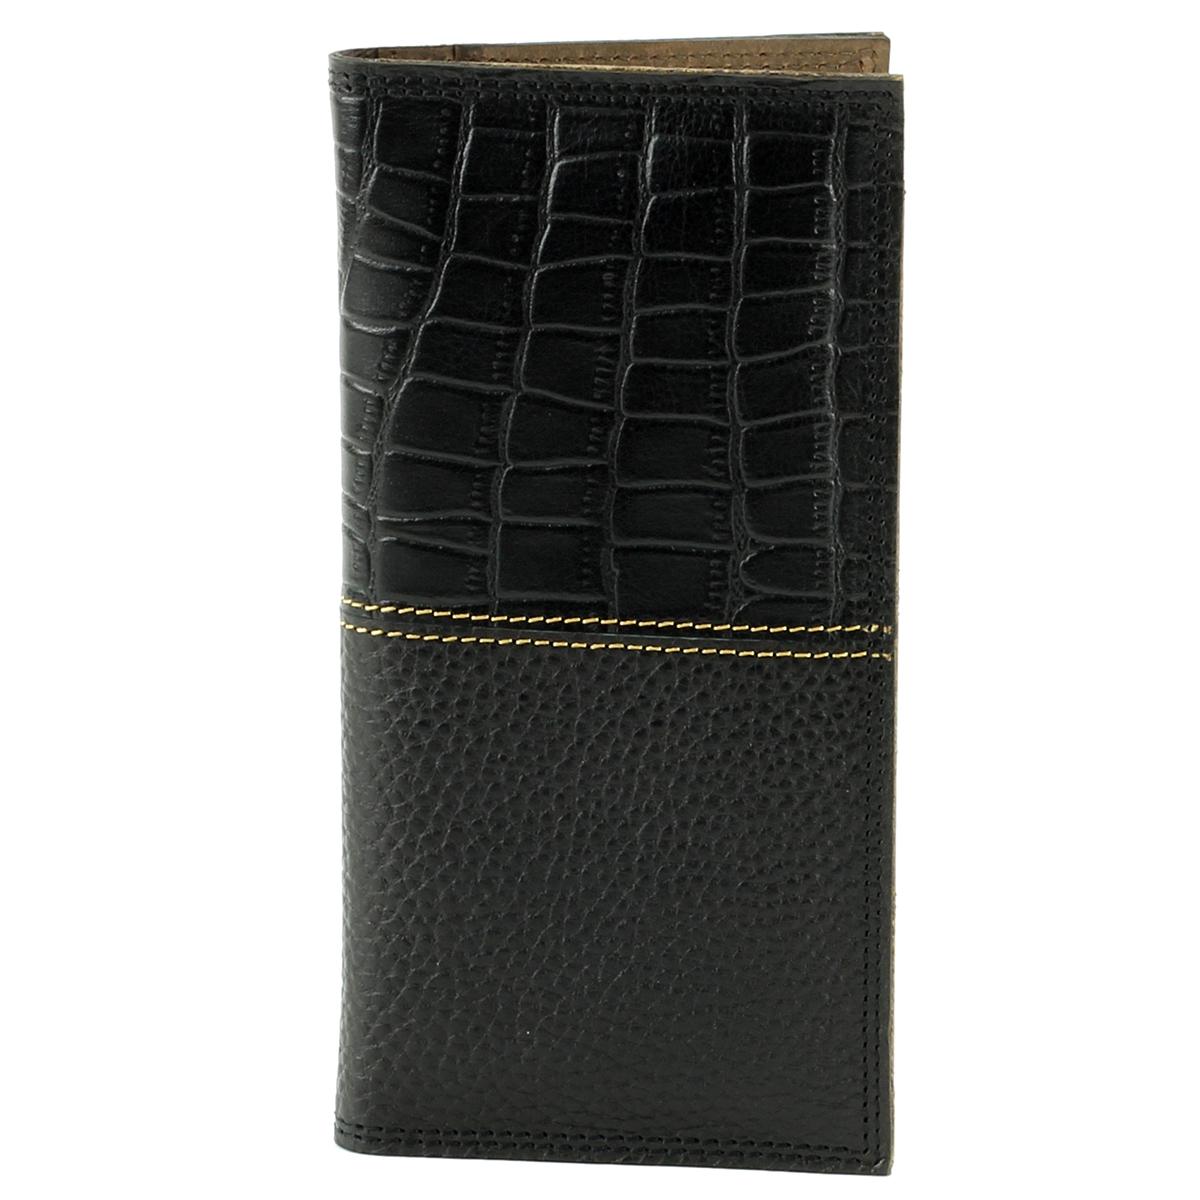 Tall Rodeo Wallet Croc Print Black